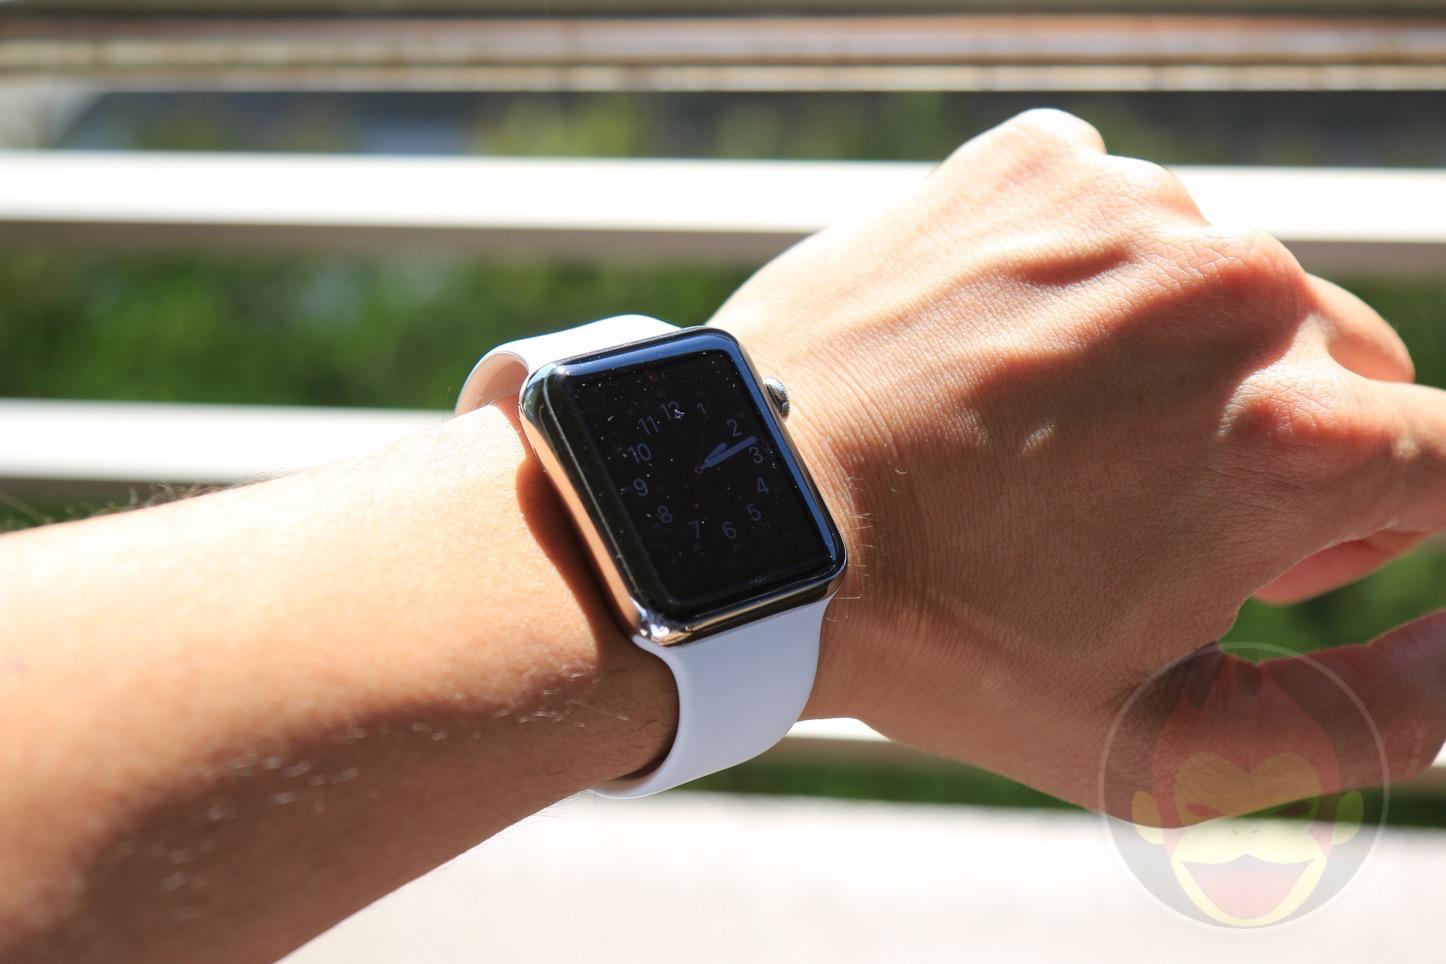 Apple Watchは屋外だと画面が全然見えない